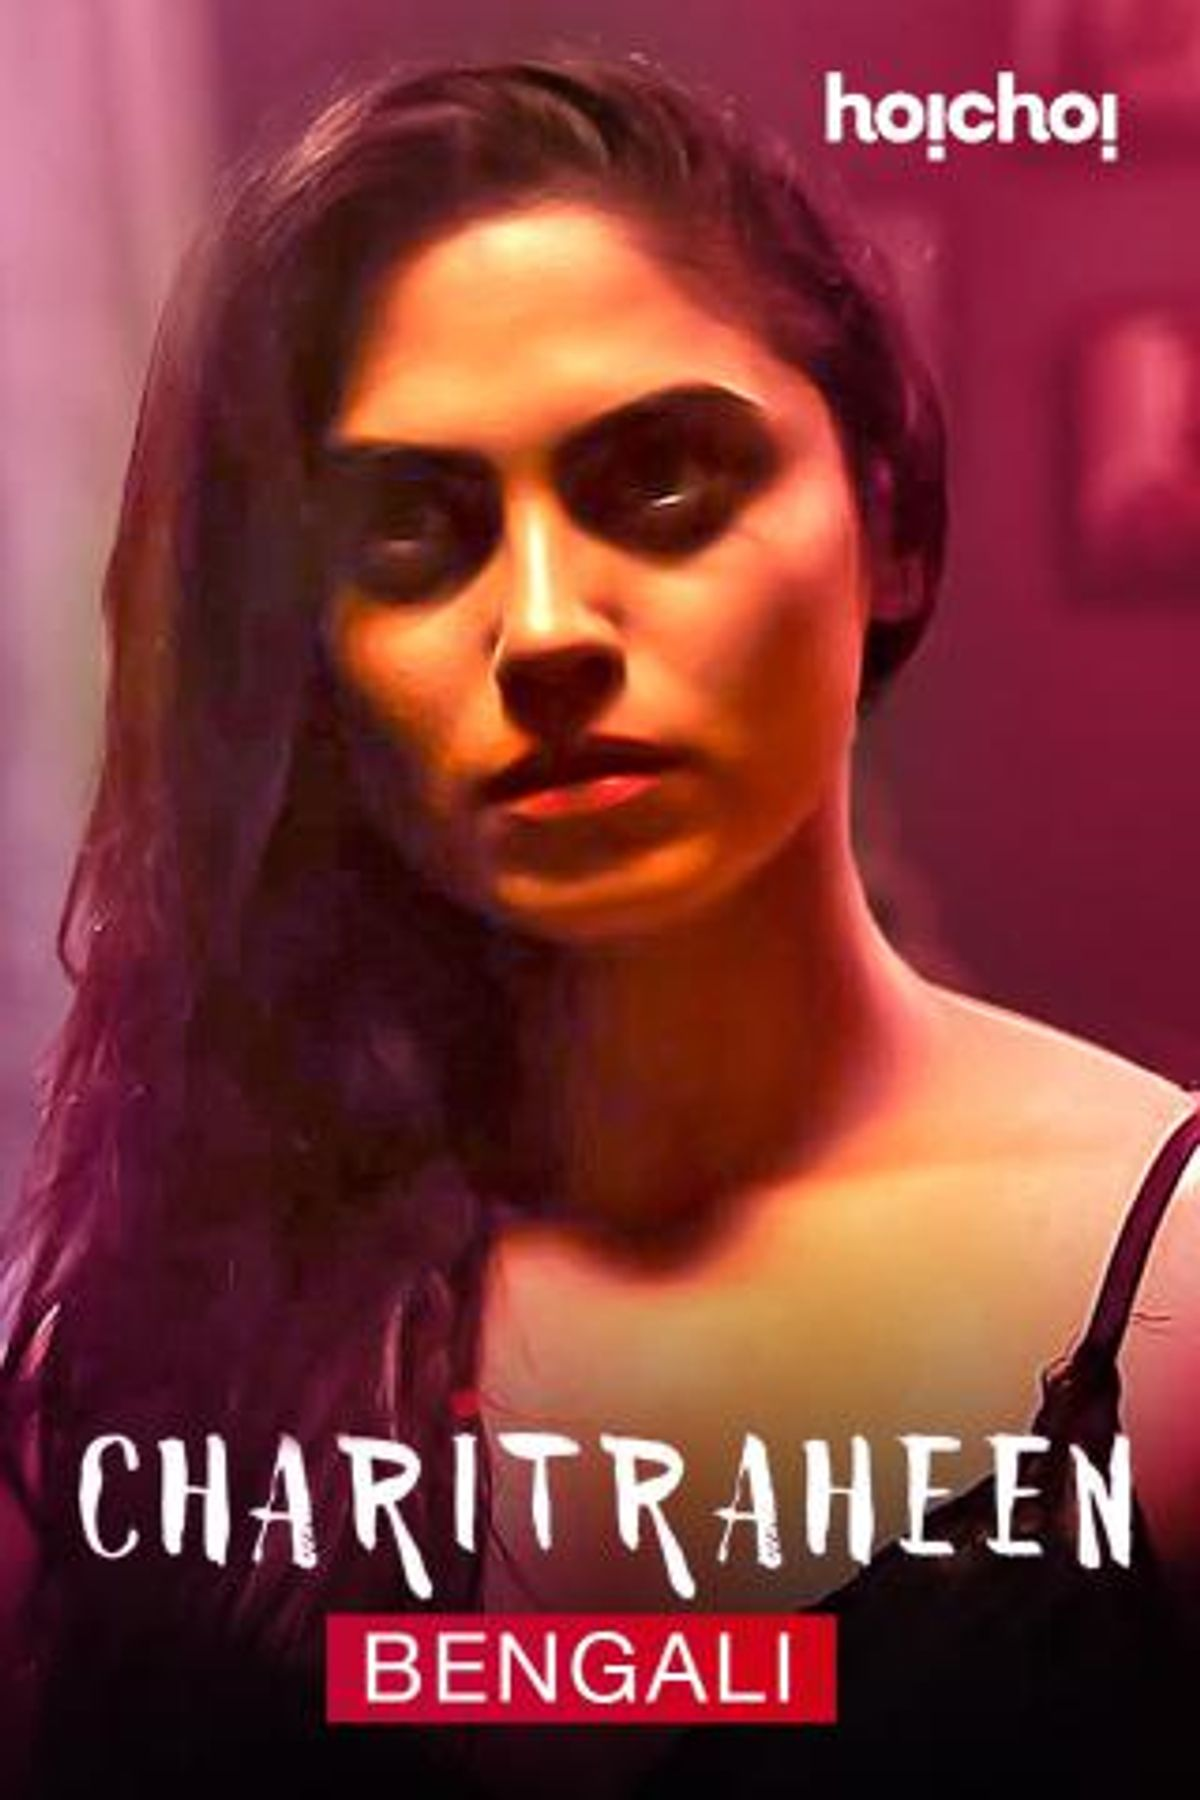 Charitraheen